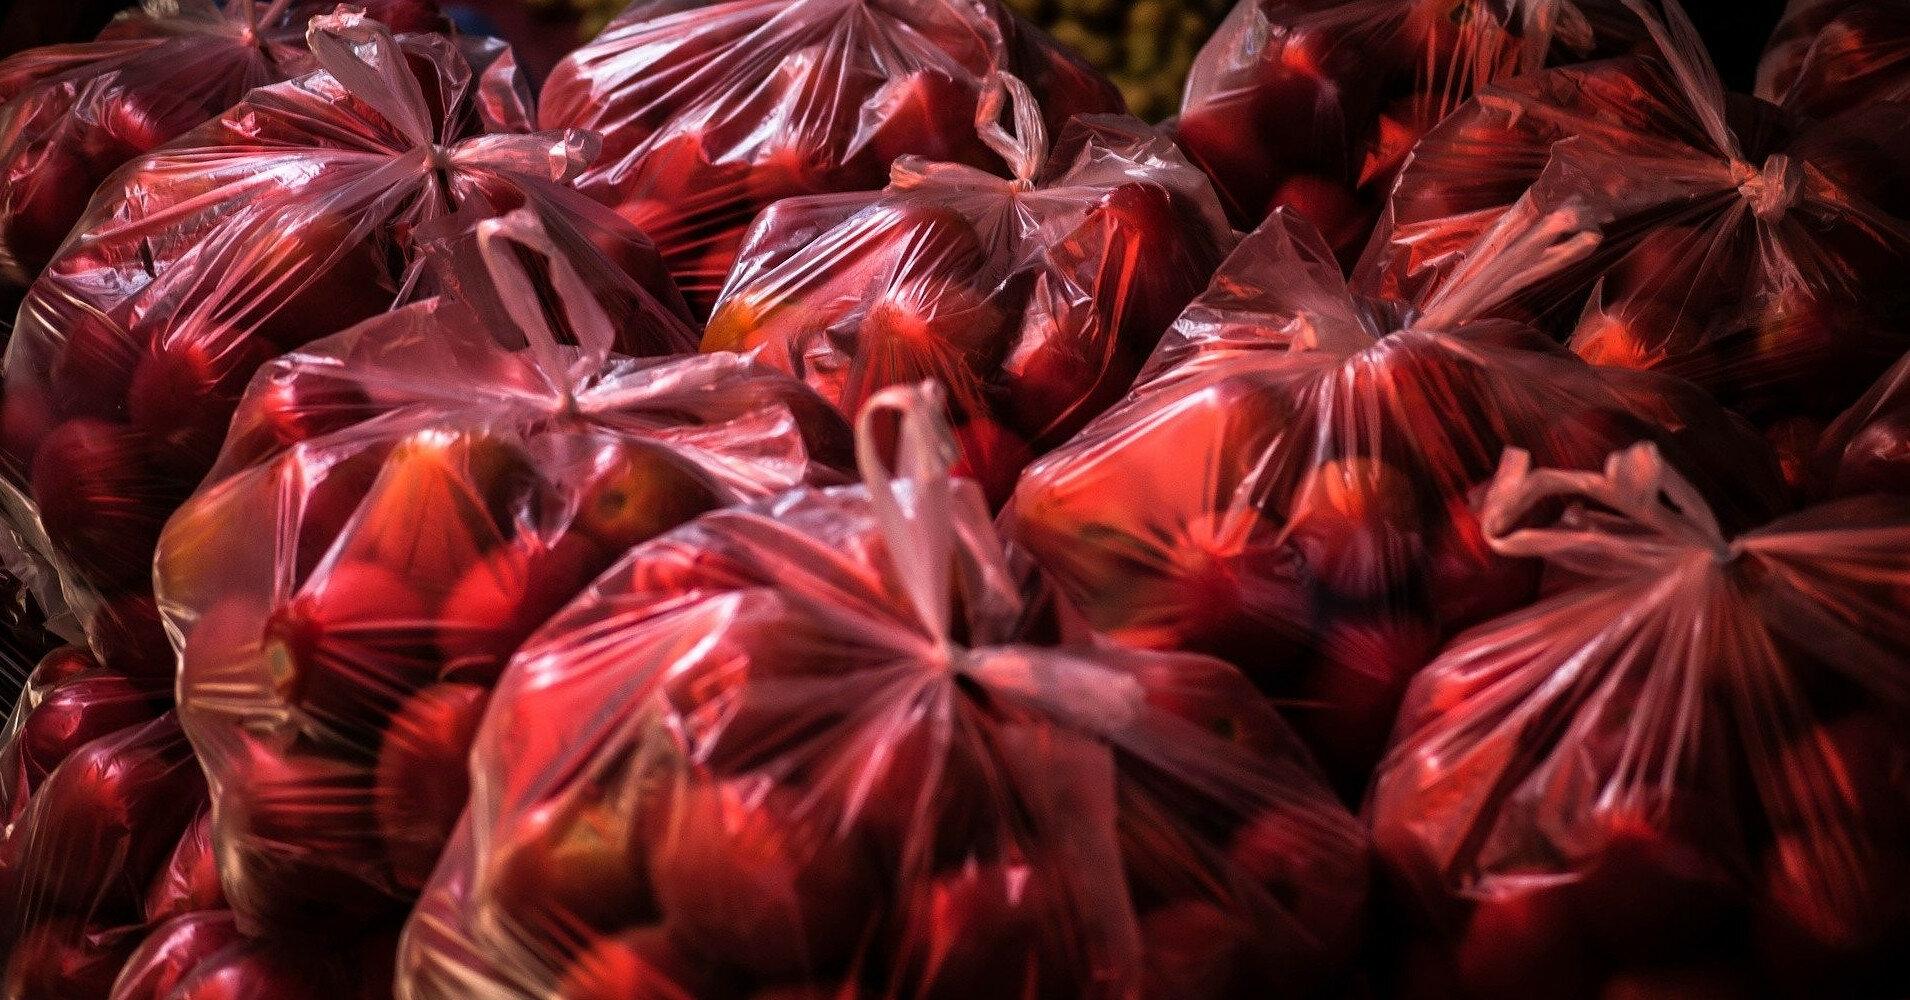 Эксперты предупредили о последствиях запрета полиэтиленовых пакетов